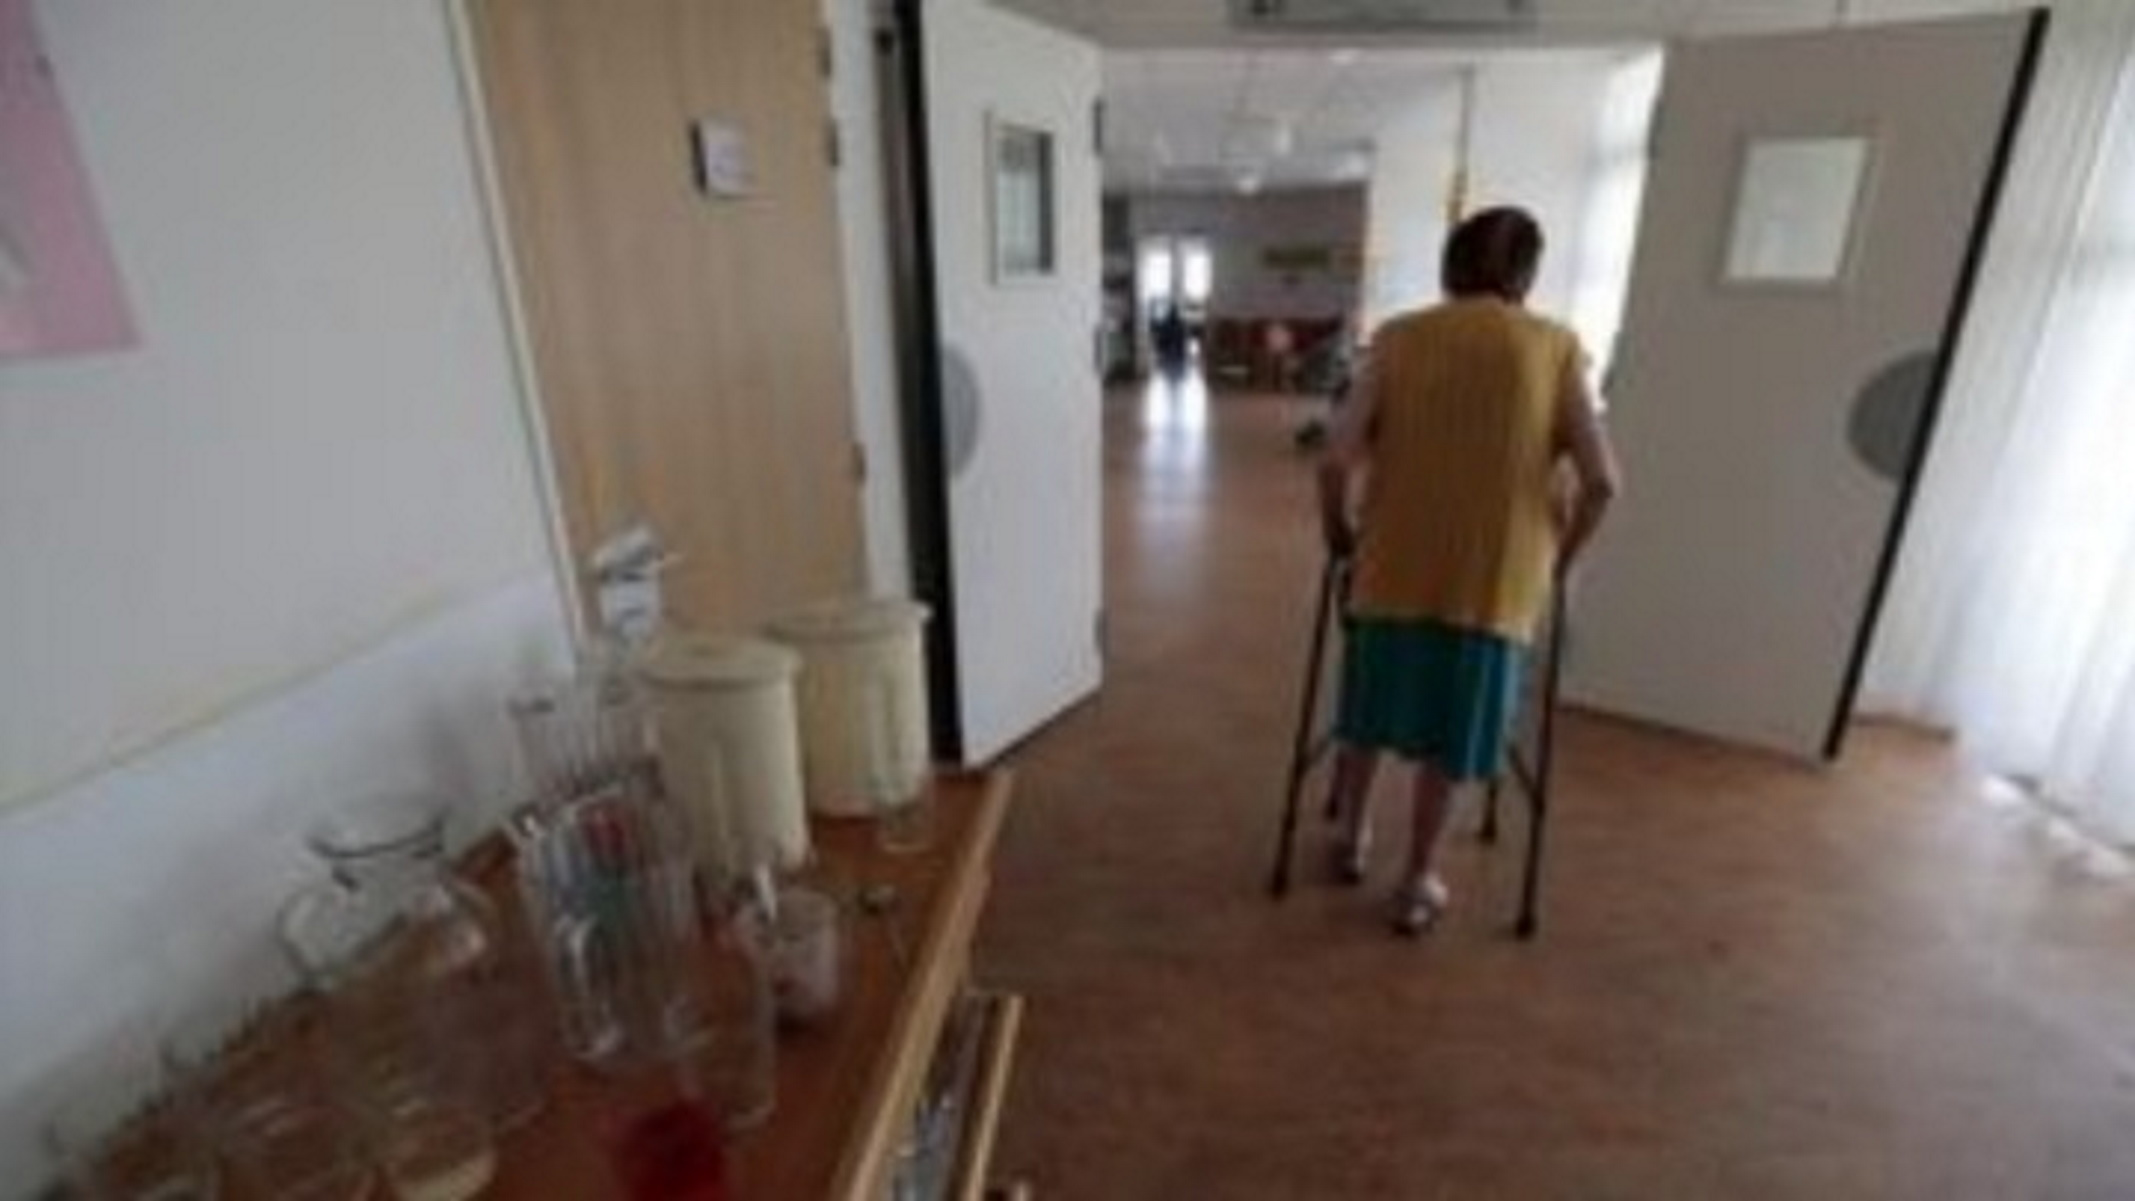 Χανιά – Γηροκομείο: «Πήρα τον πατέρα μου για να τον σώσω» – Νέες συγκλονιστικές καταγγελίες (video)